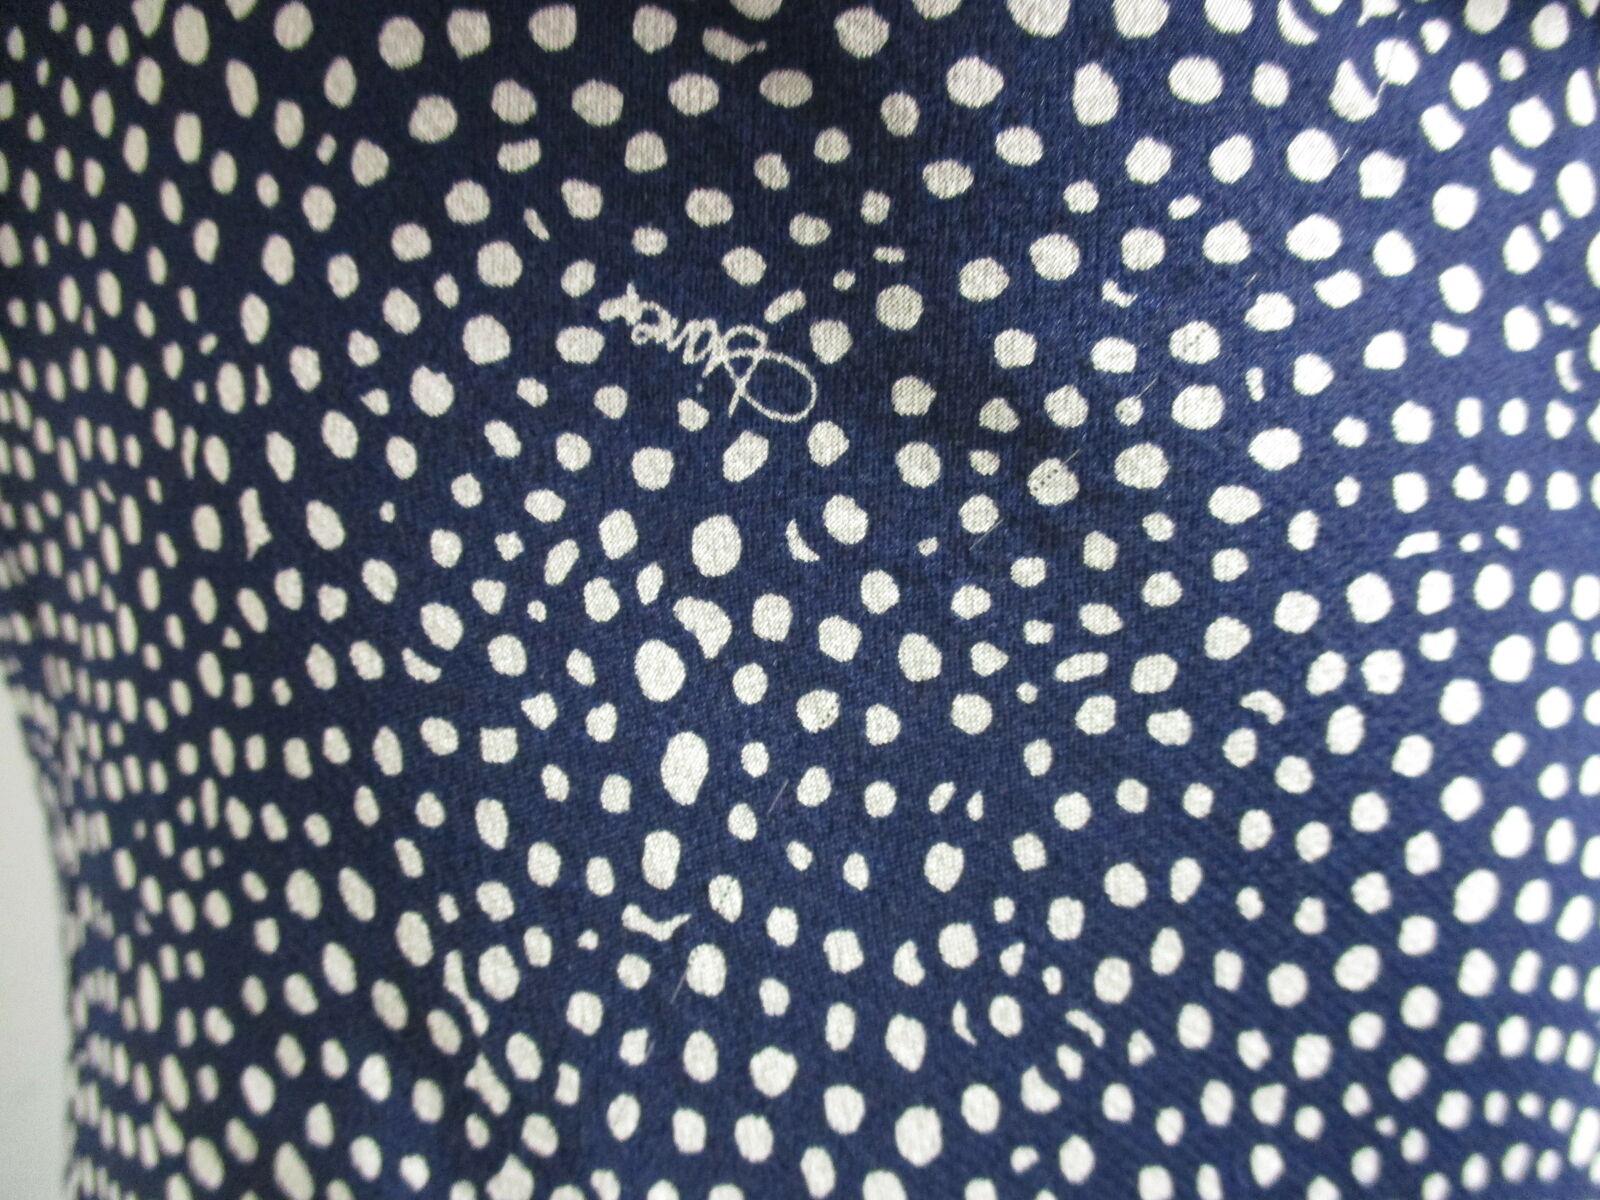 DIANE VON FURSTENBERG Dita 100% silk navy blue & … - image 3